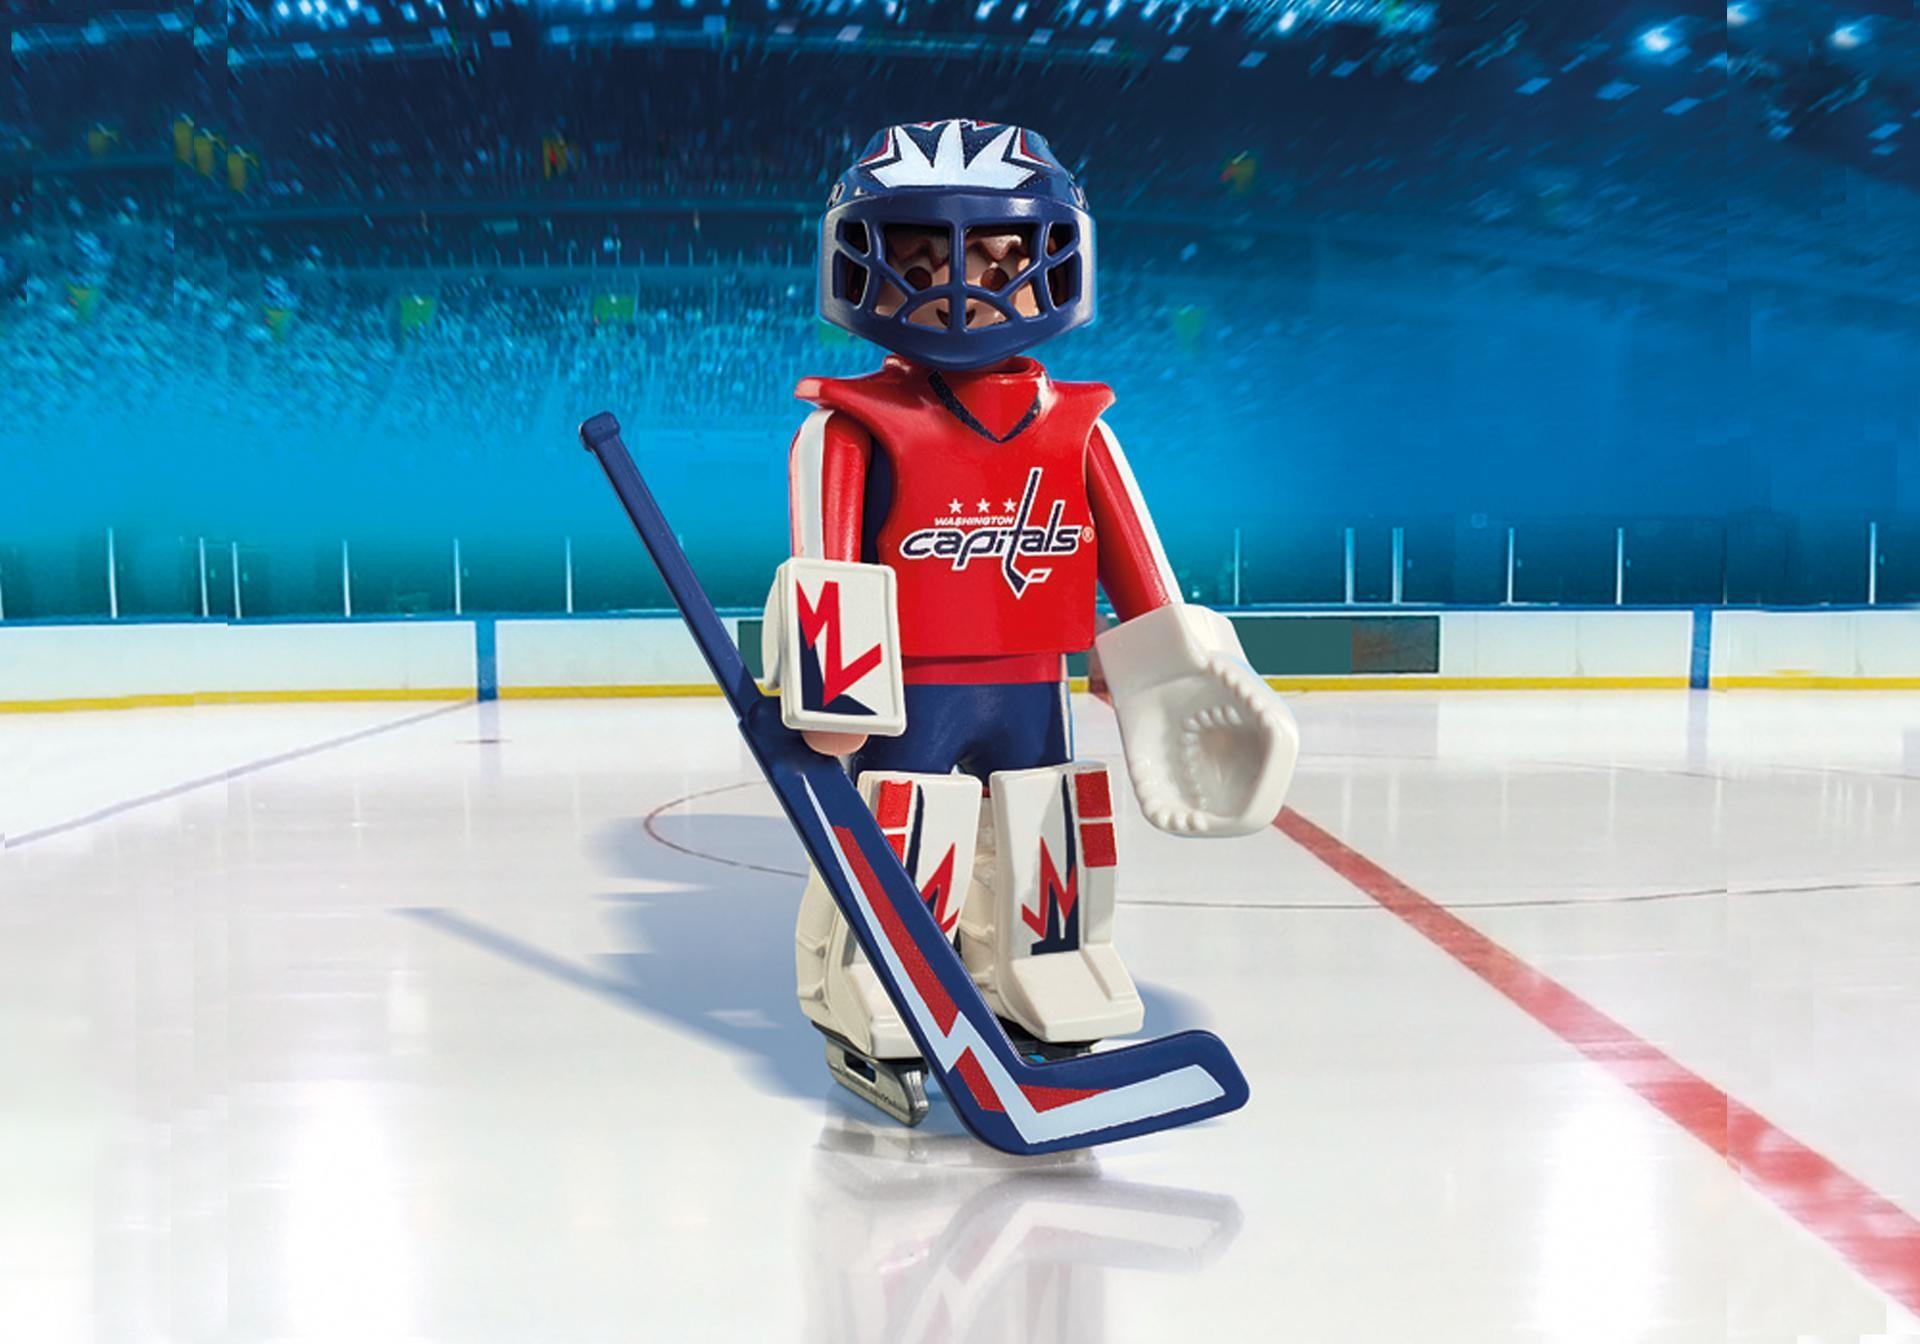 NHL® Washington Capitals® Goalie